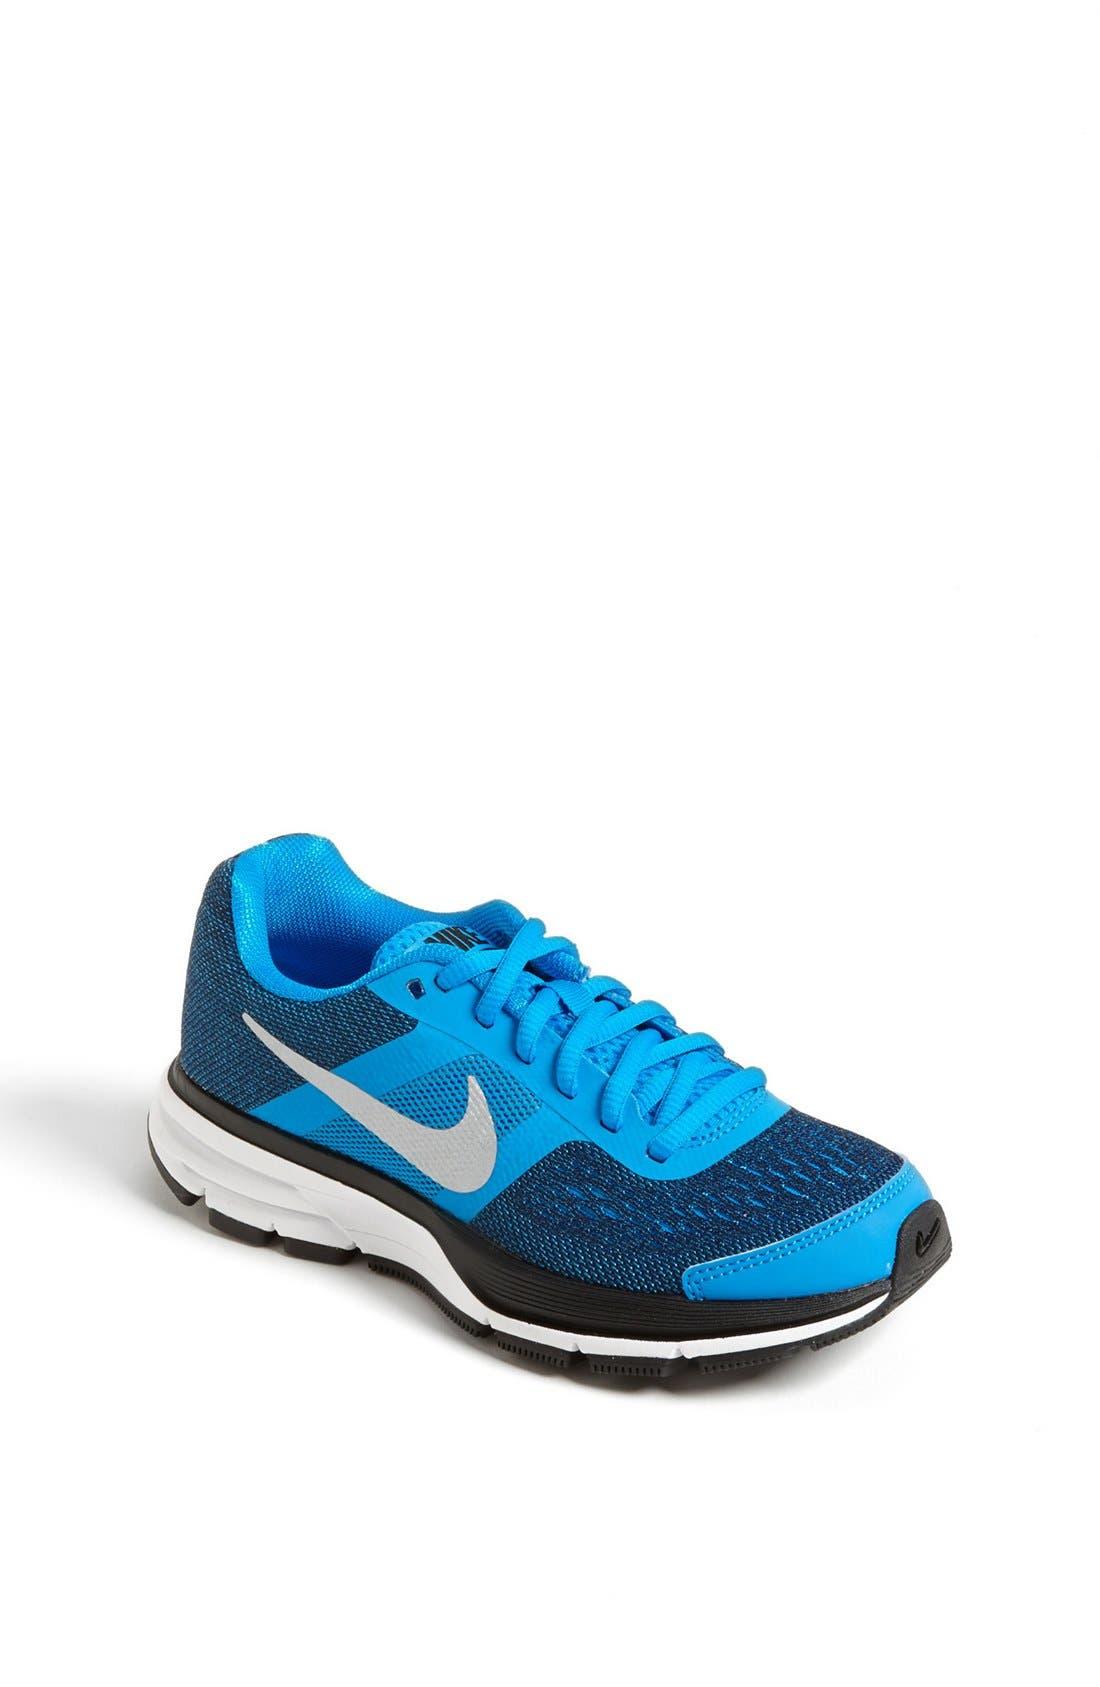 Main Image - Nike 'Air Pegasus+ 30 GS' Running Shoe (Little Kid & Big Kid)